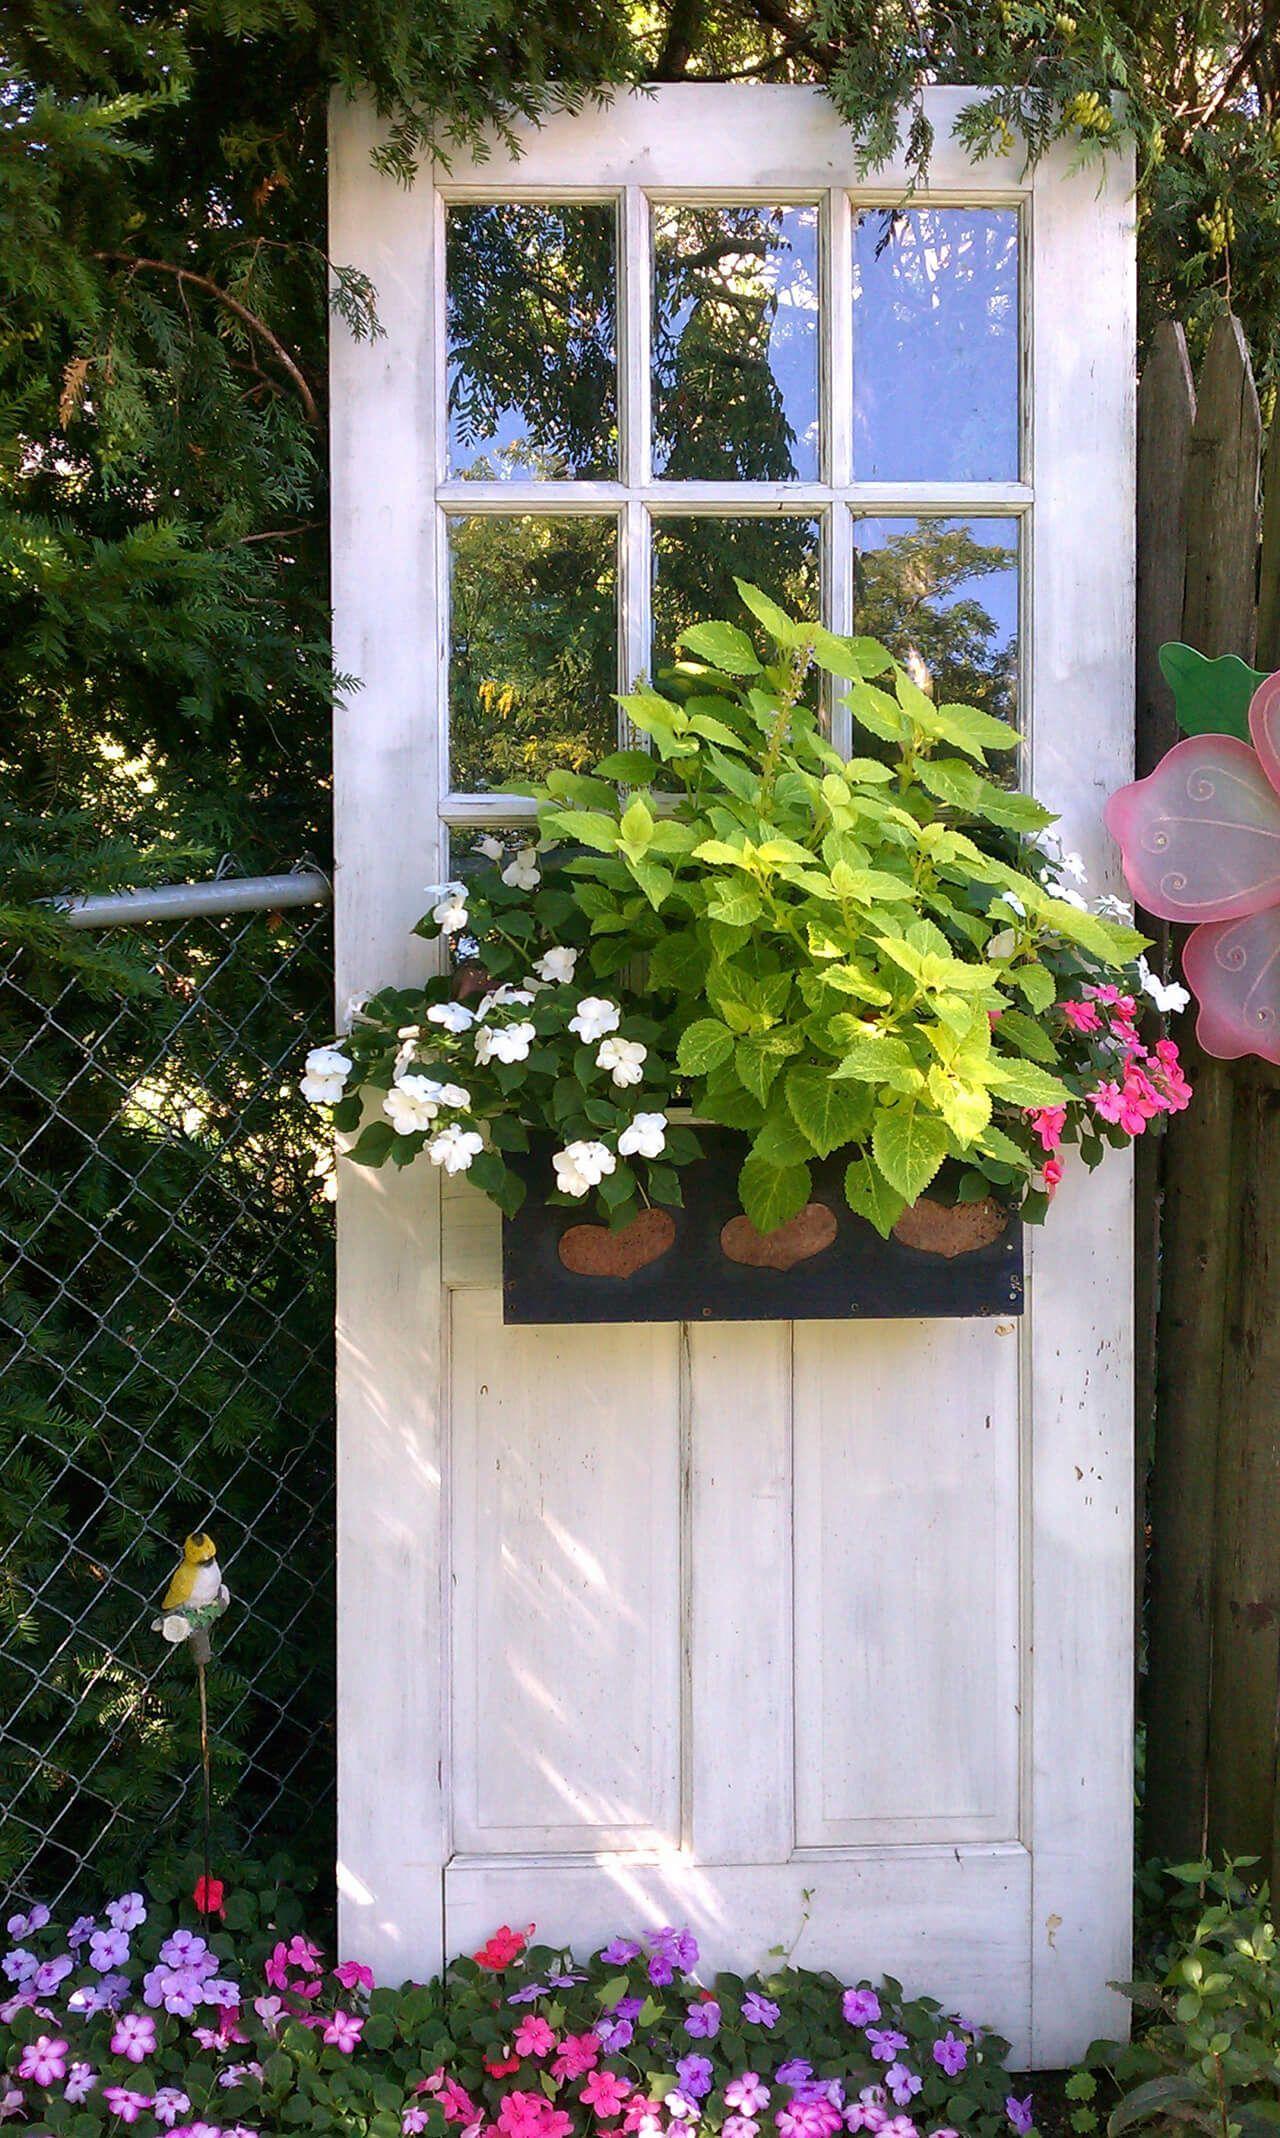 Freestanding garden door window box homeandgarden home and garden